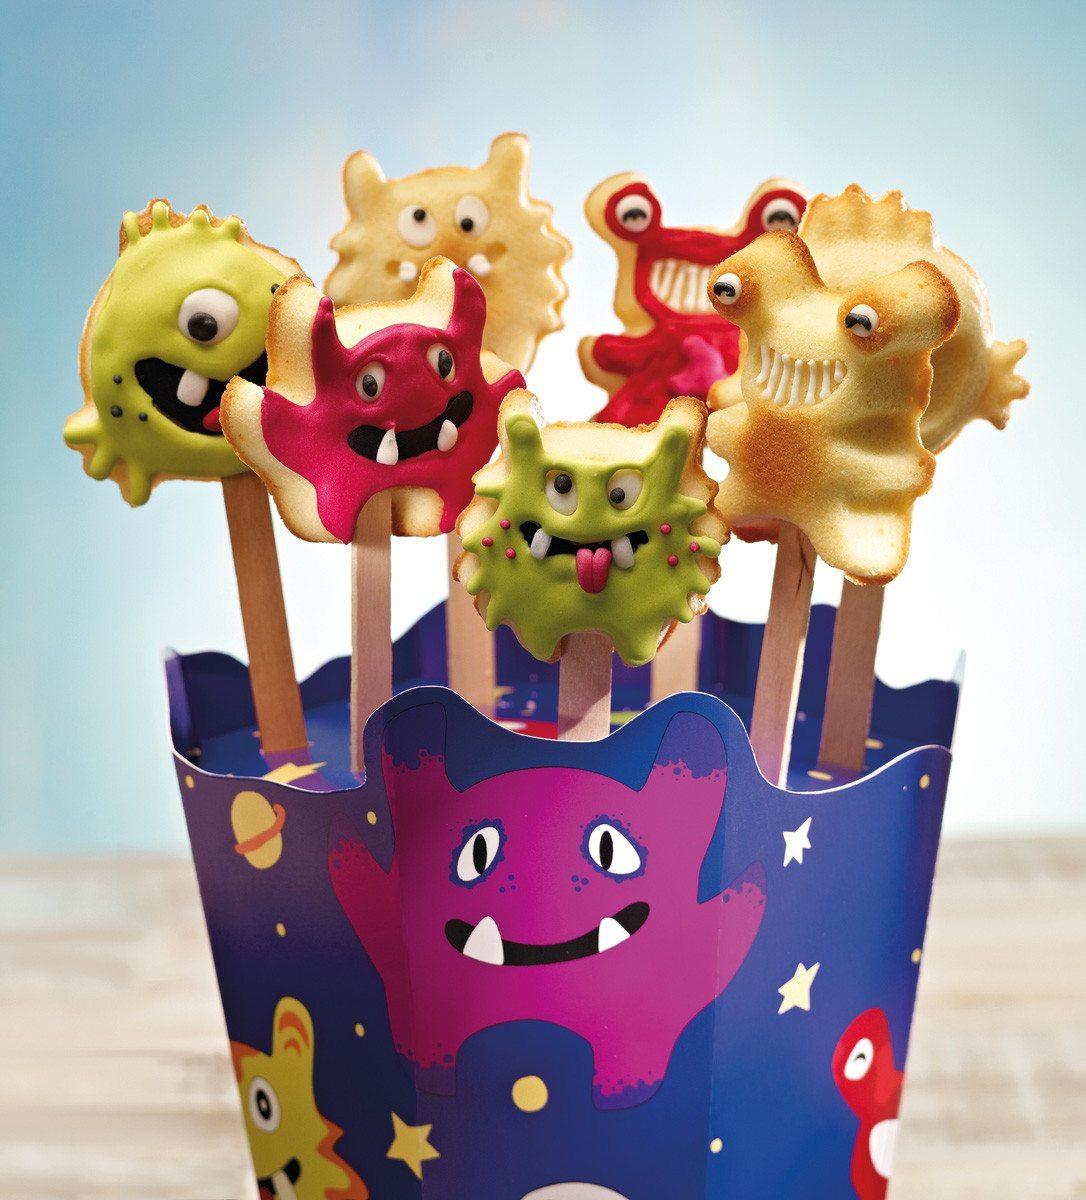 Monster KuchenPops